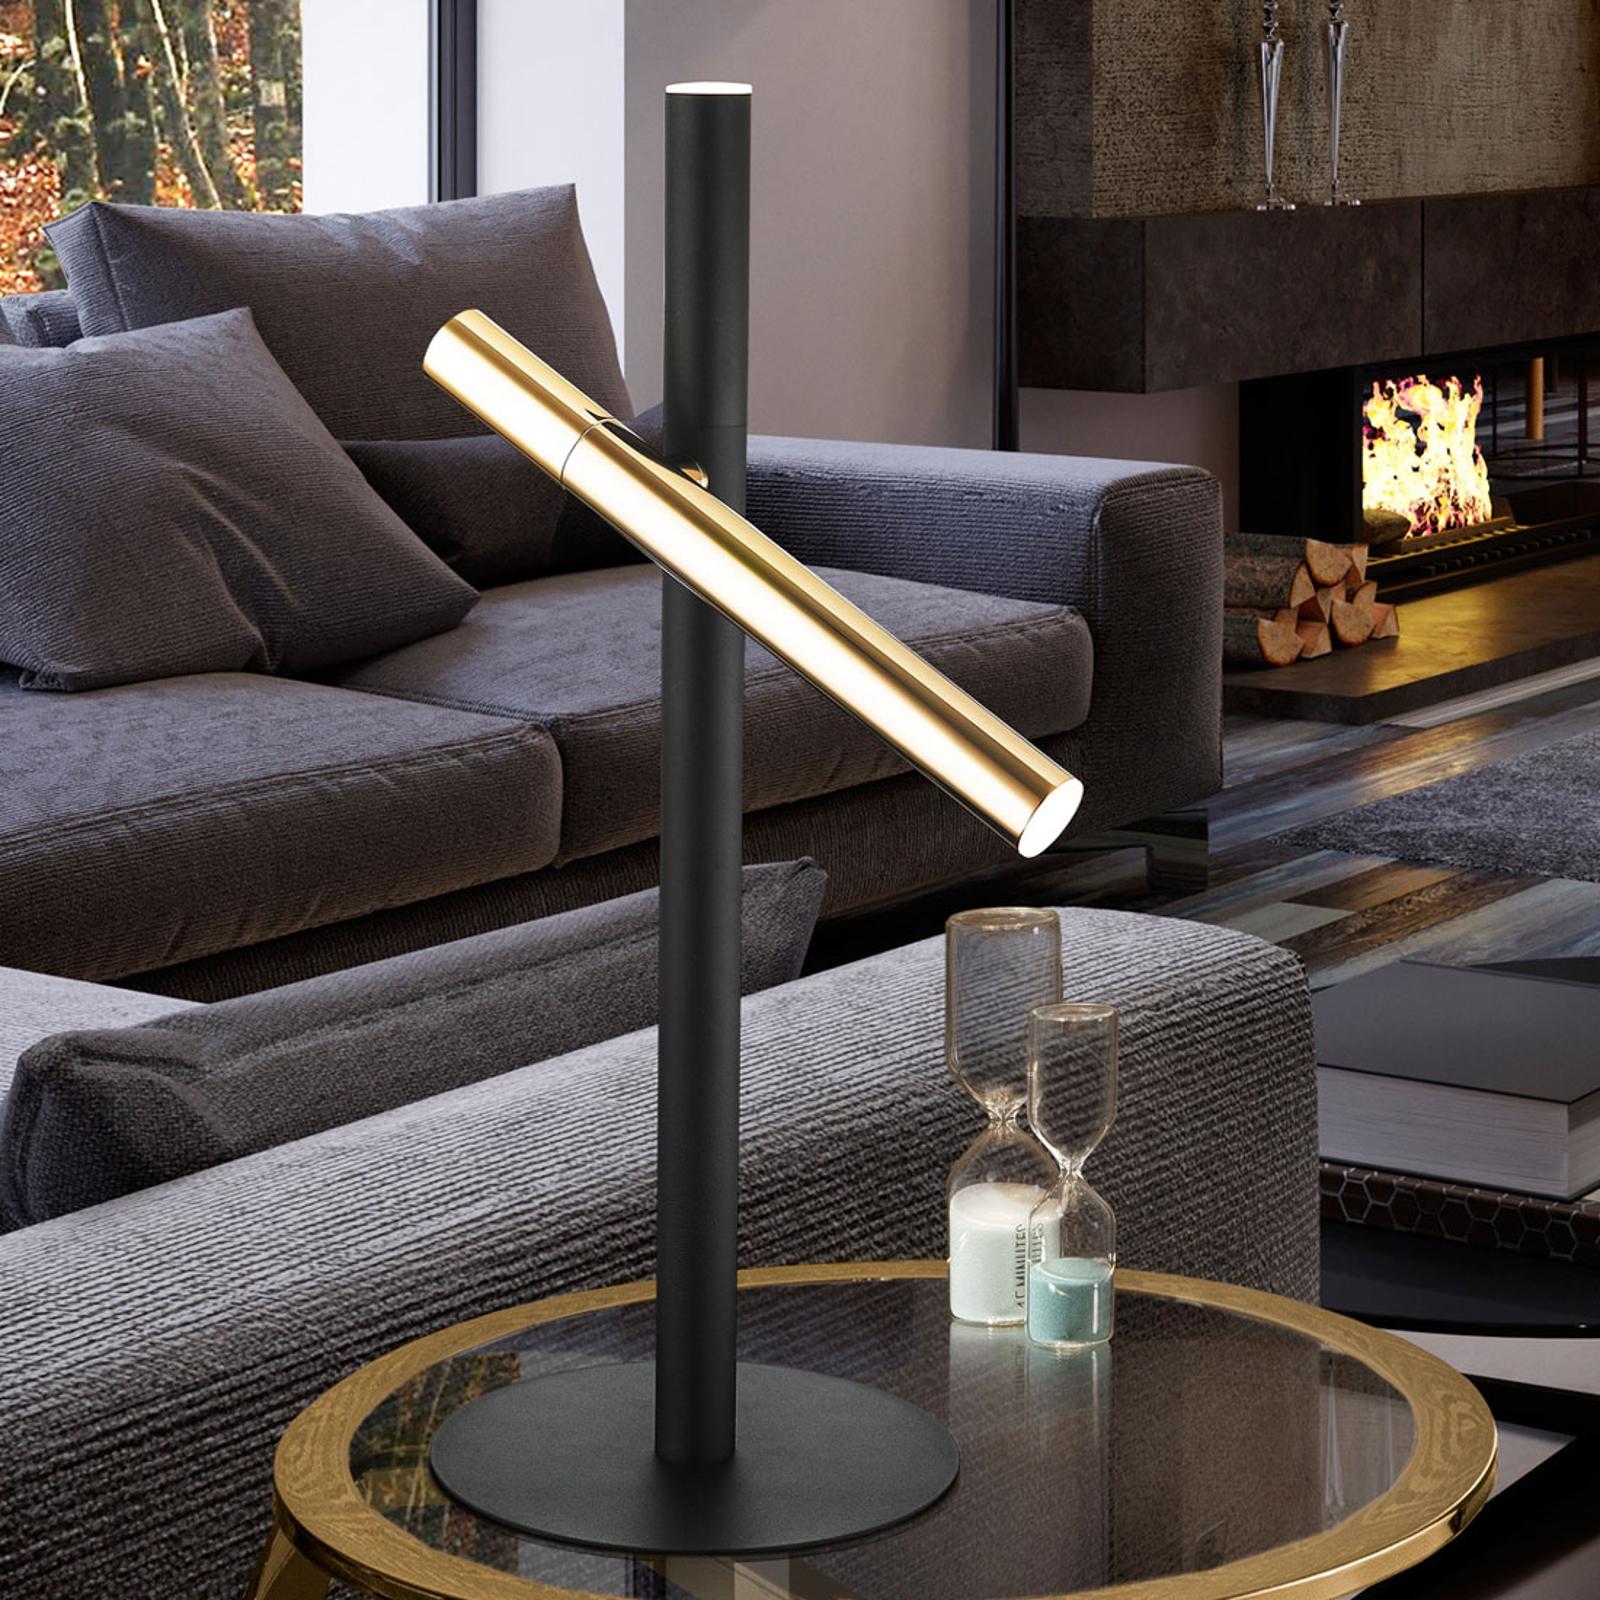 LED-pöytävalaisin Varas musta/kulta 2-lamppuinen